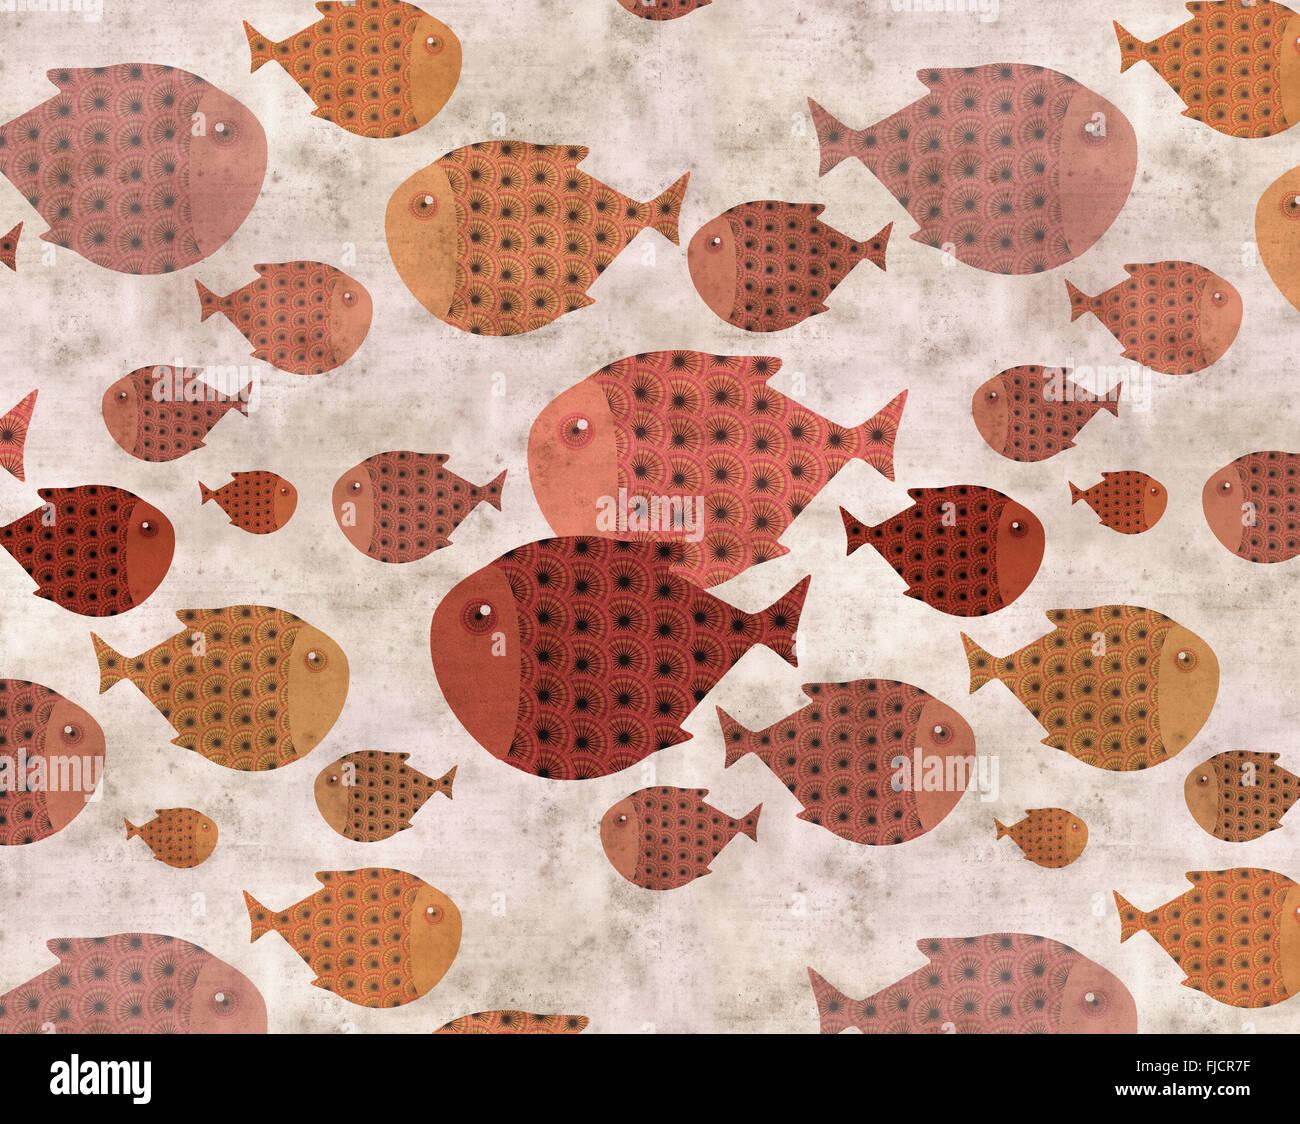 Pesce etnici lo sfondo dell'illustrazione Immagini Stock